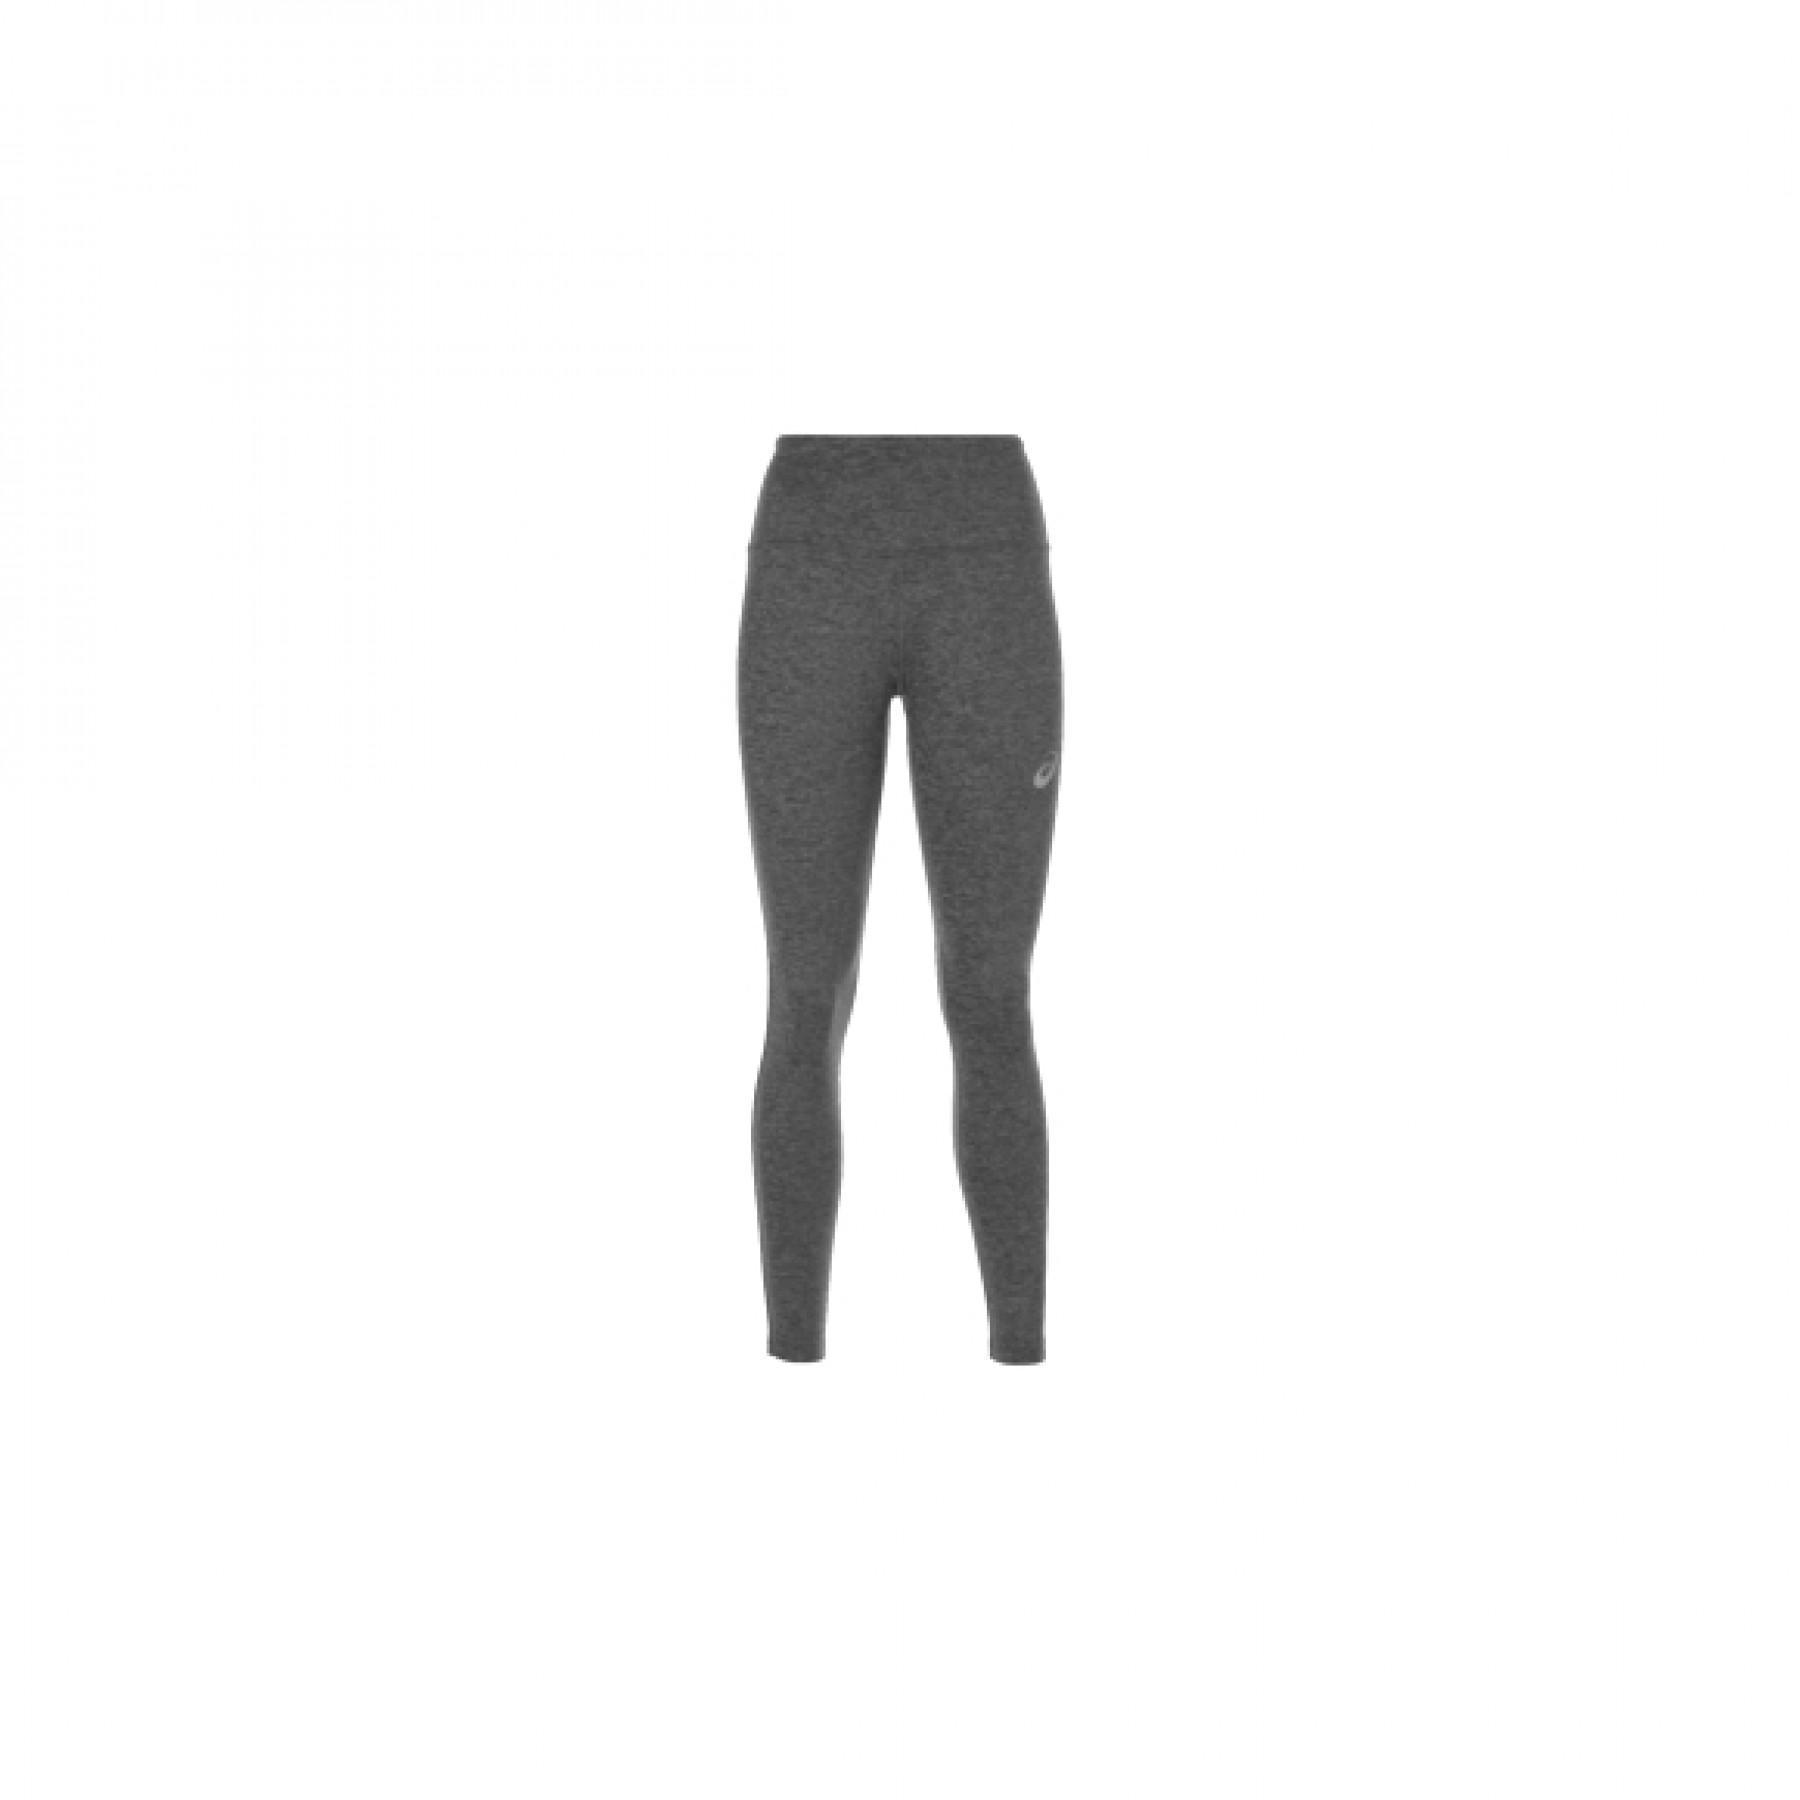 Women's trousers Asics High Waist Tight 2